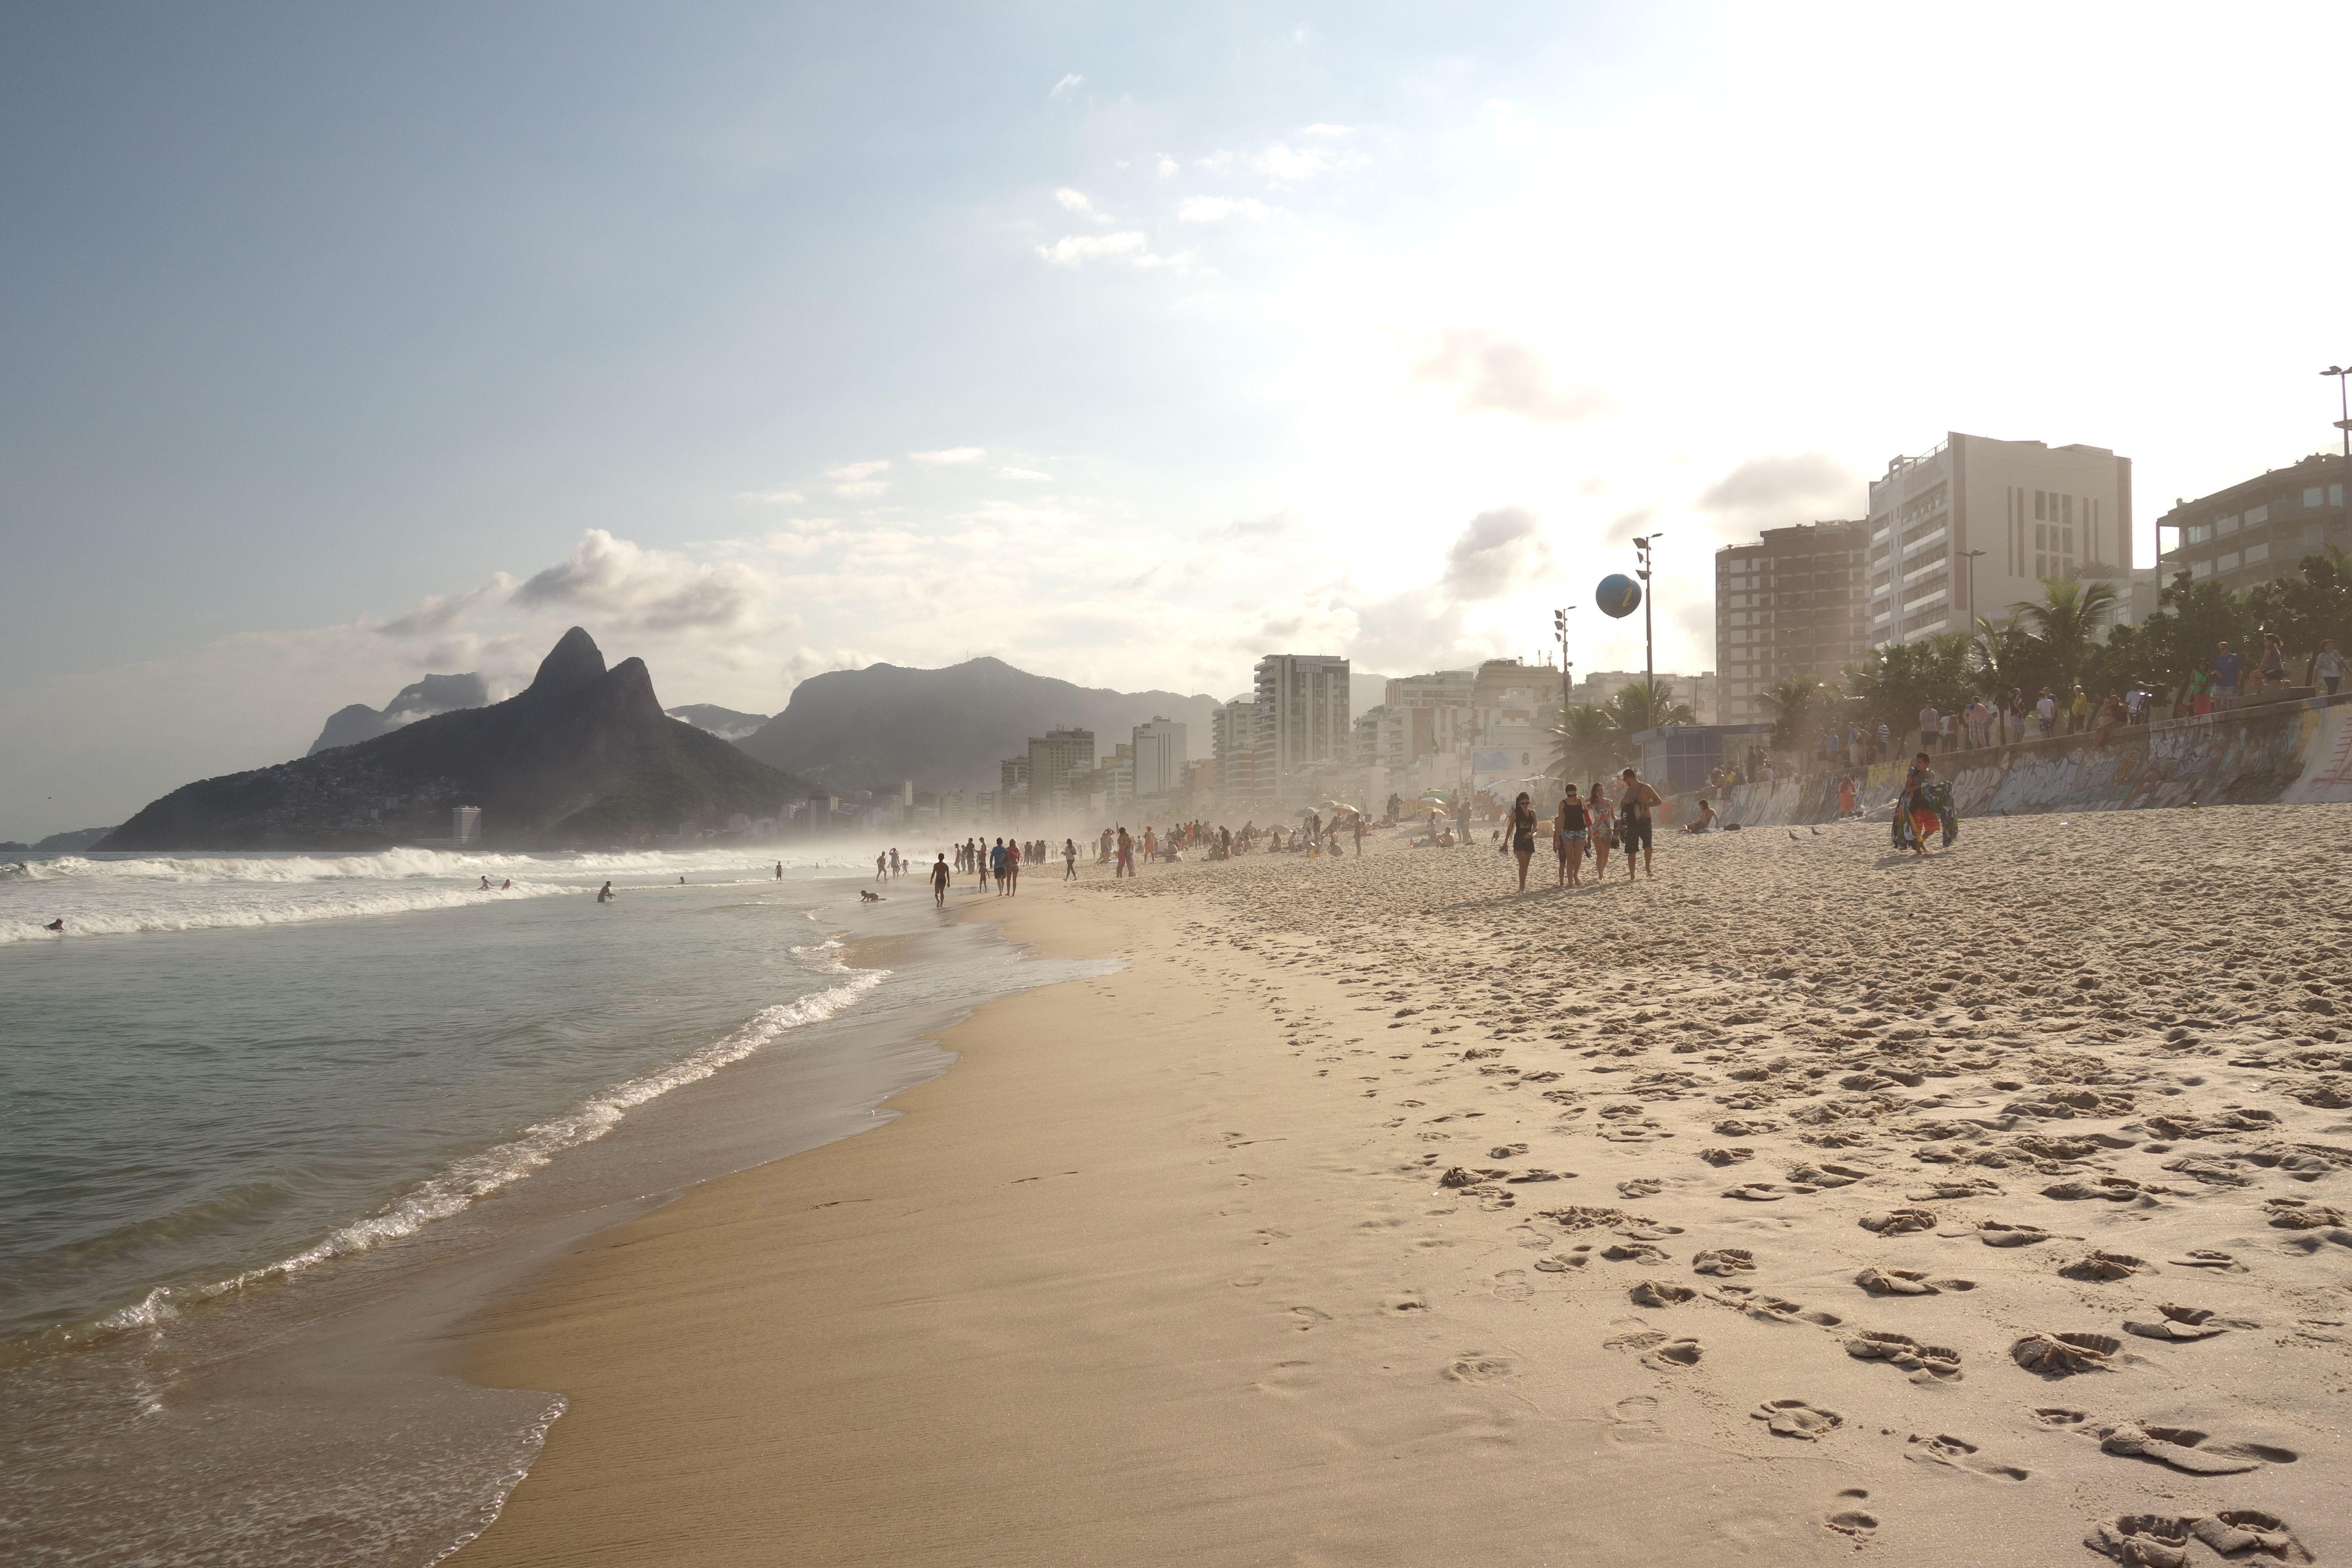 La plage d'ipanema est une très longue et belle plage à Rio de Janeiro au Brésil photo blog voyage tour du monde travel https://yoytourdumonde.fr